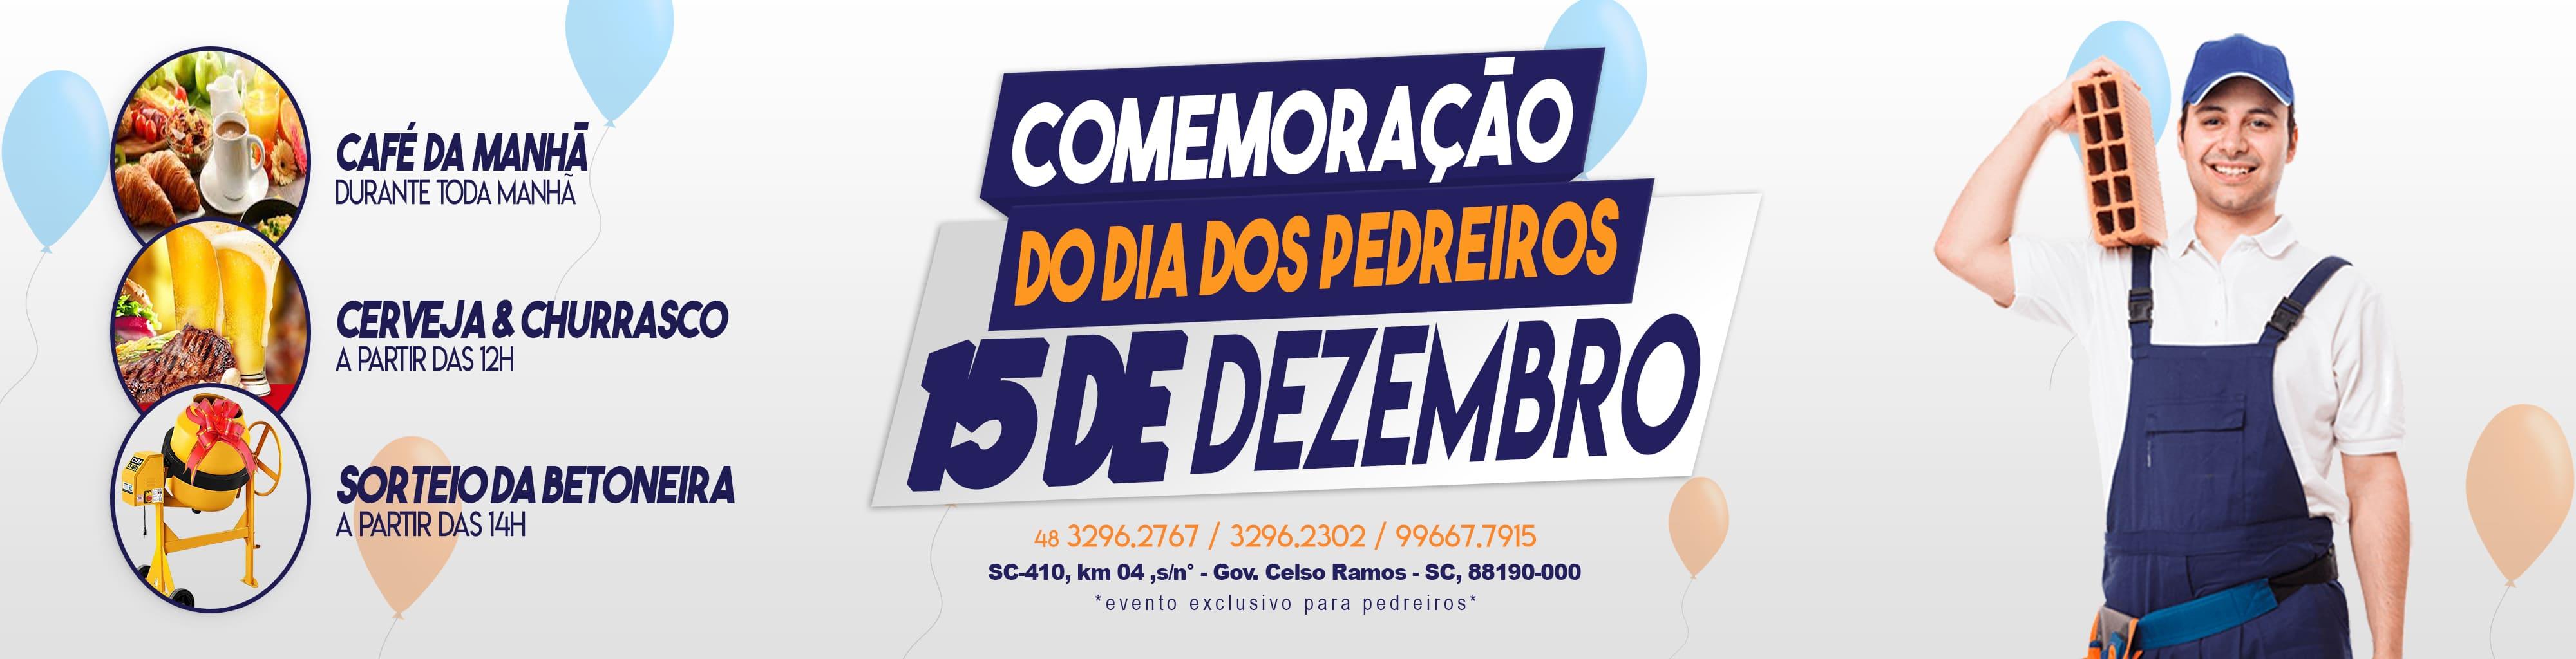 BANNER-DIA-DOS-PEDREIROS.jpg